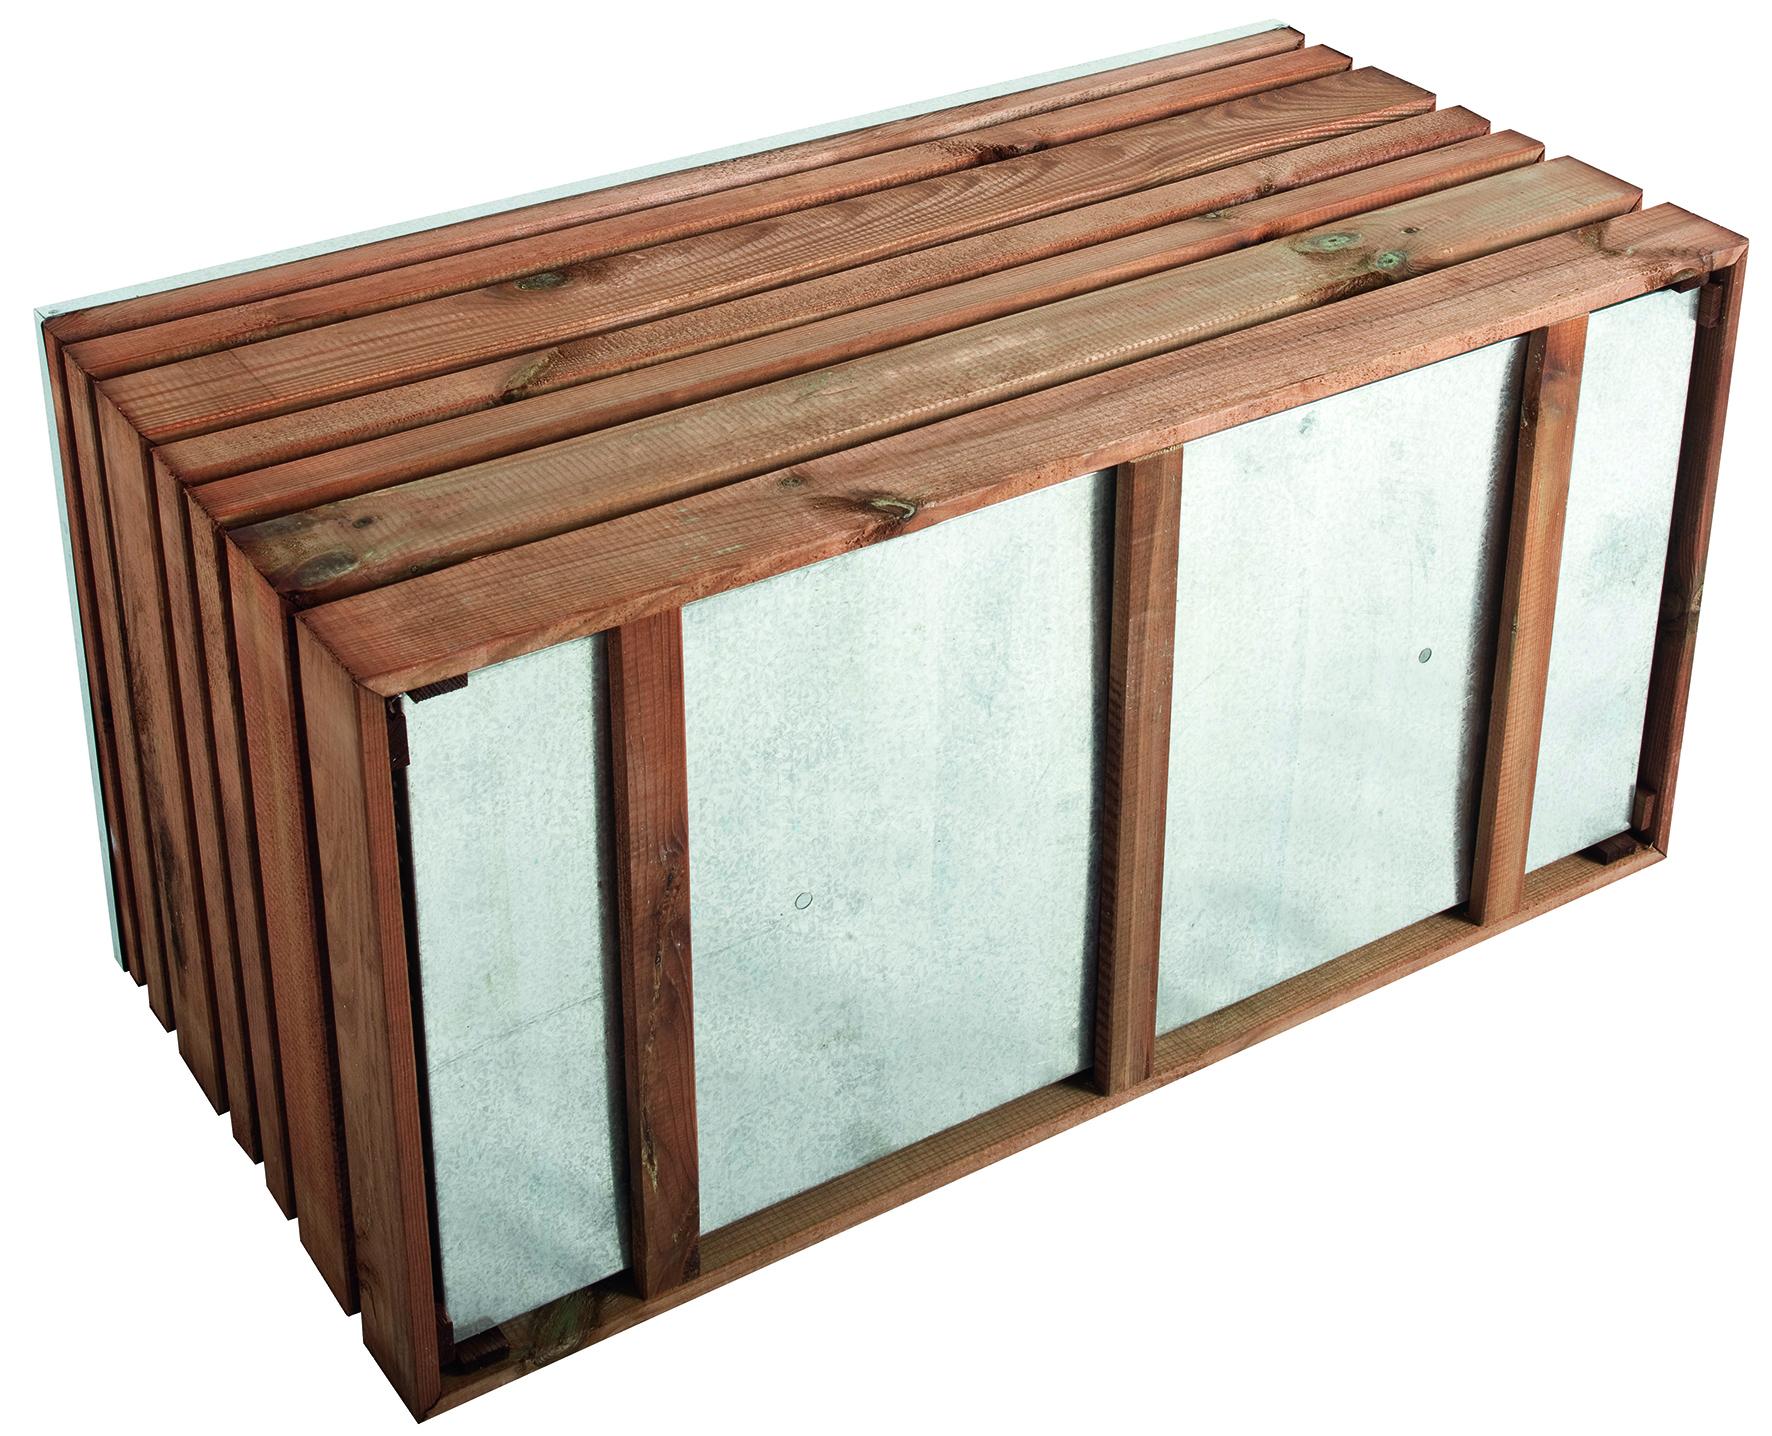 Bac à fleurs LIGN Z 100 rectangle - teinté marron - maxi volume 202 L